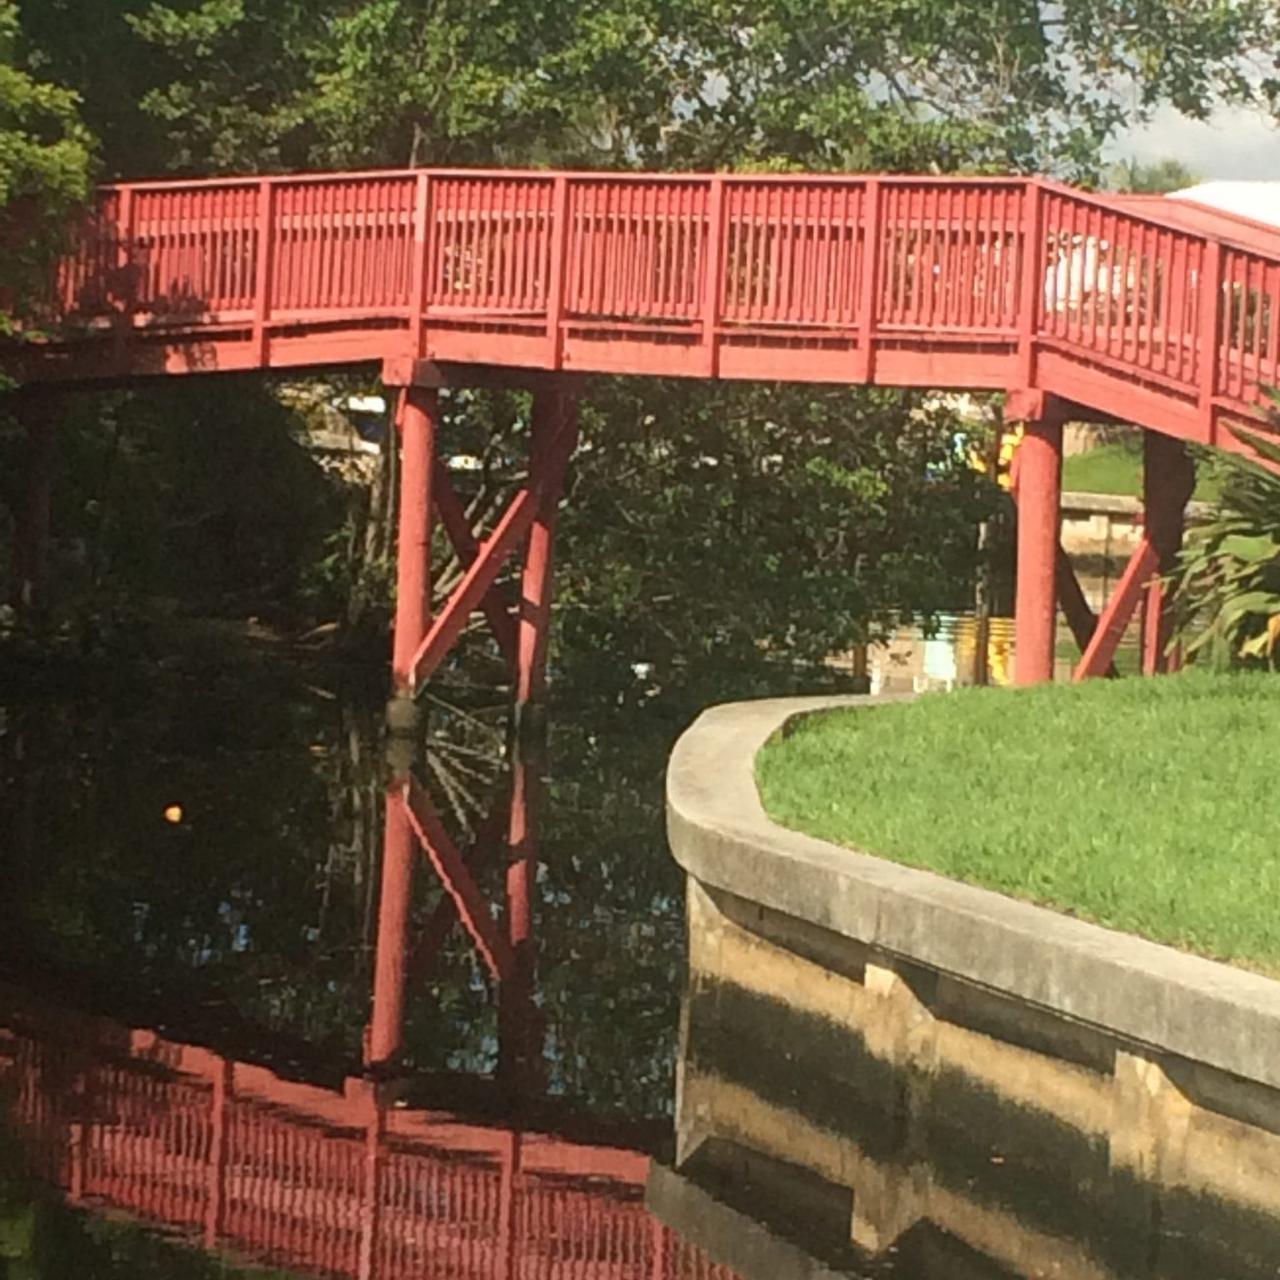 camino bridge scaled